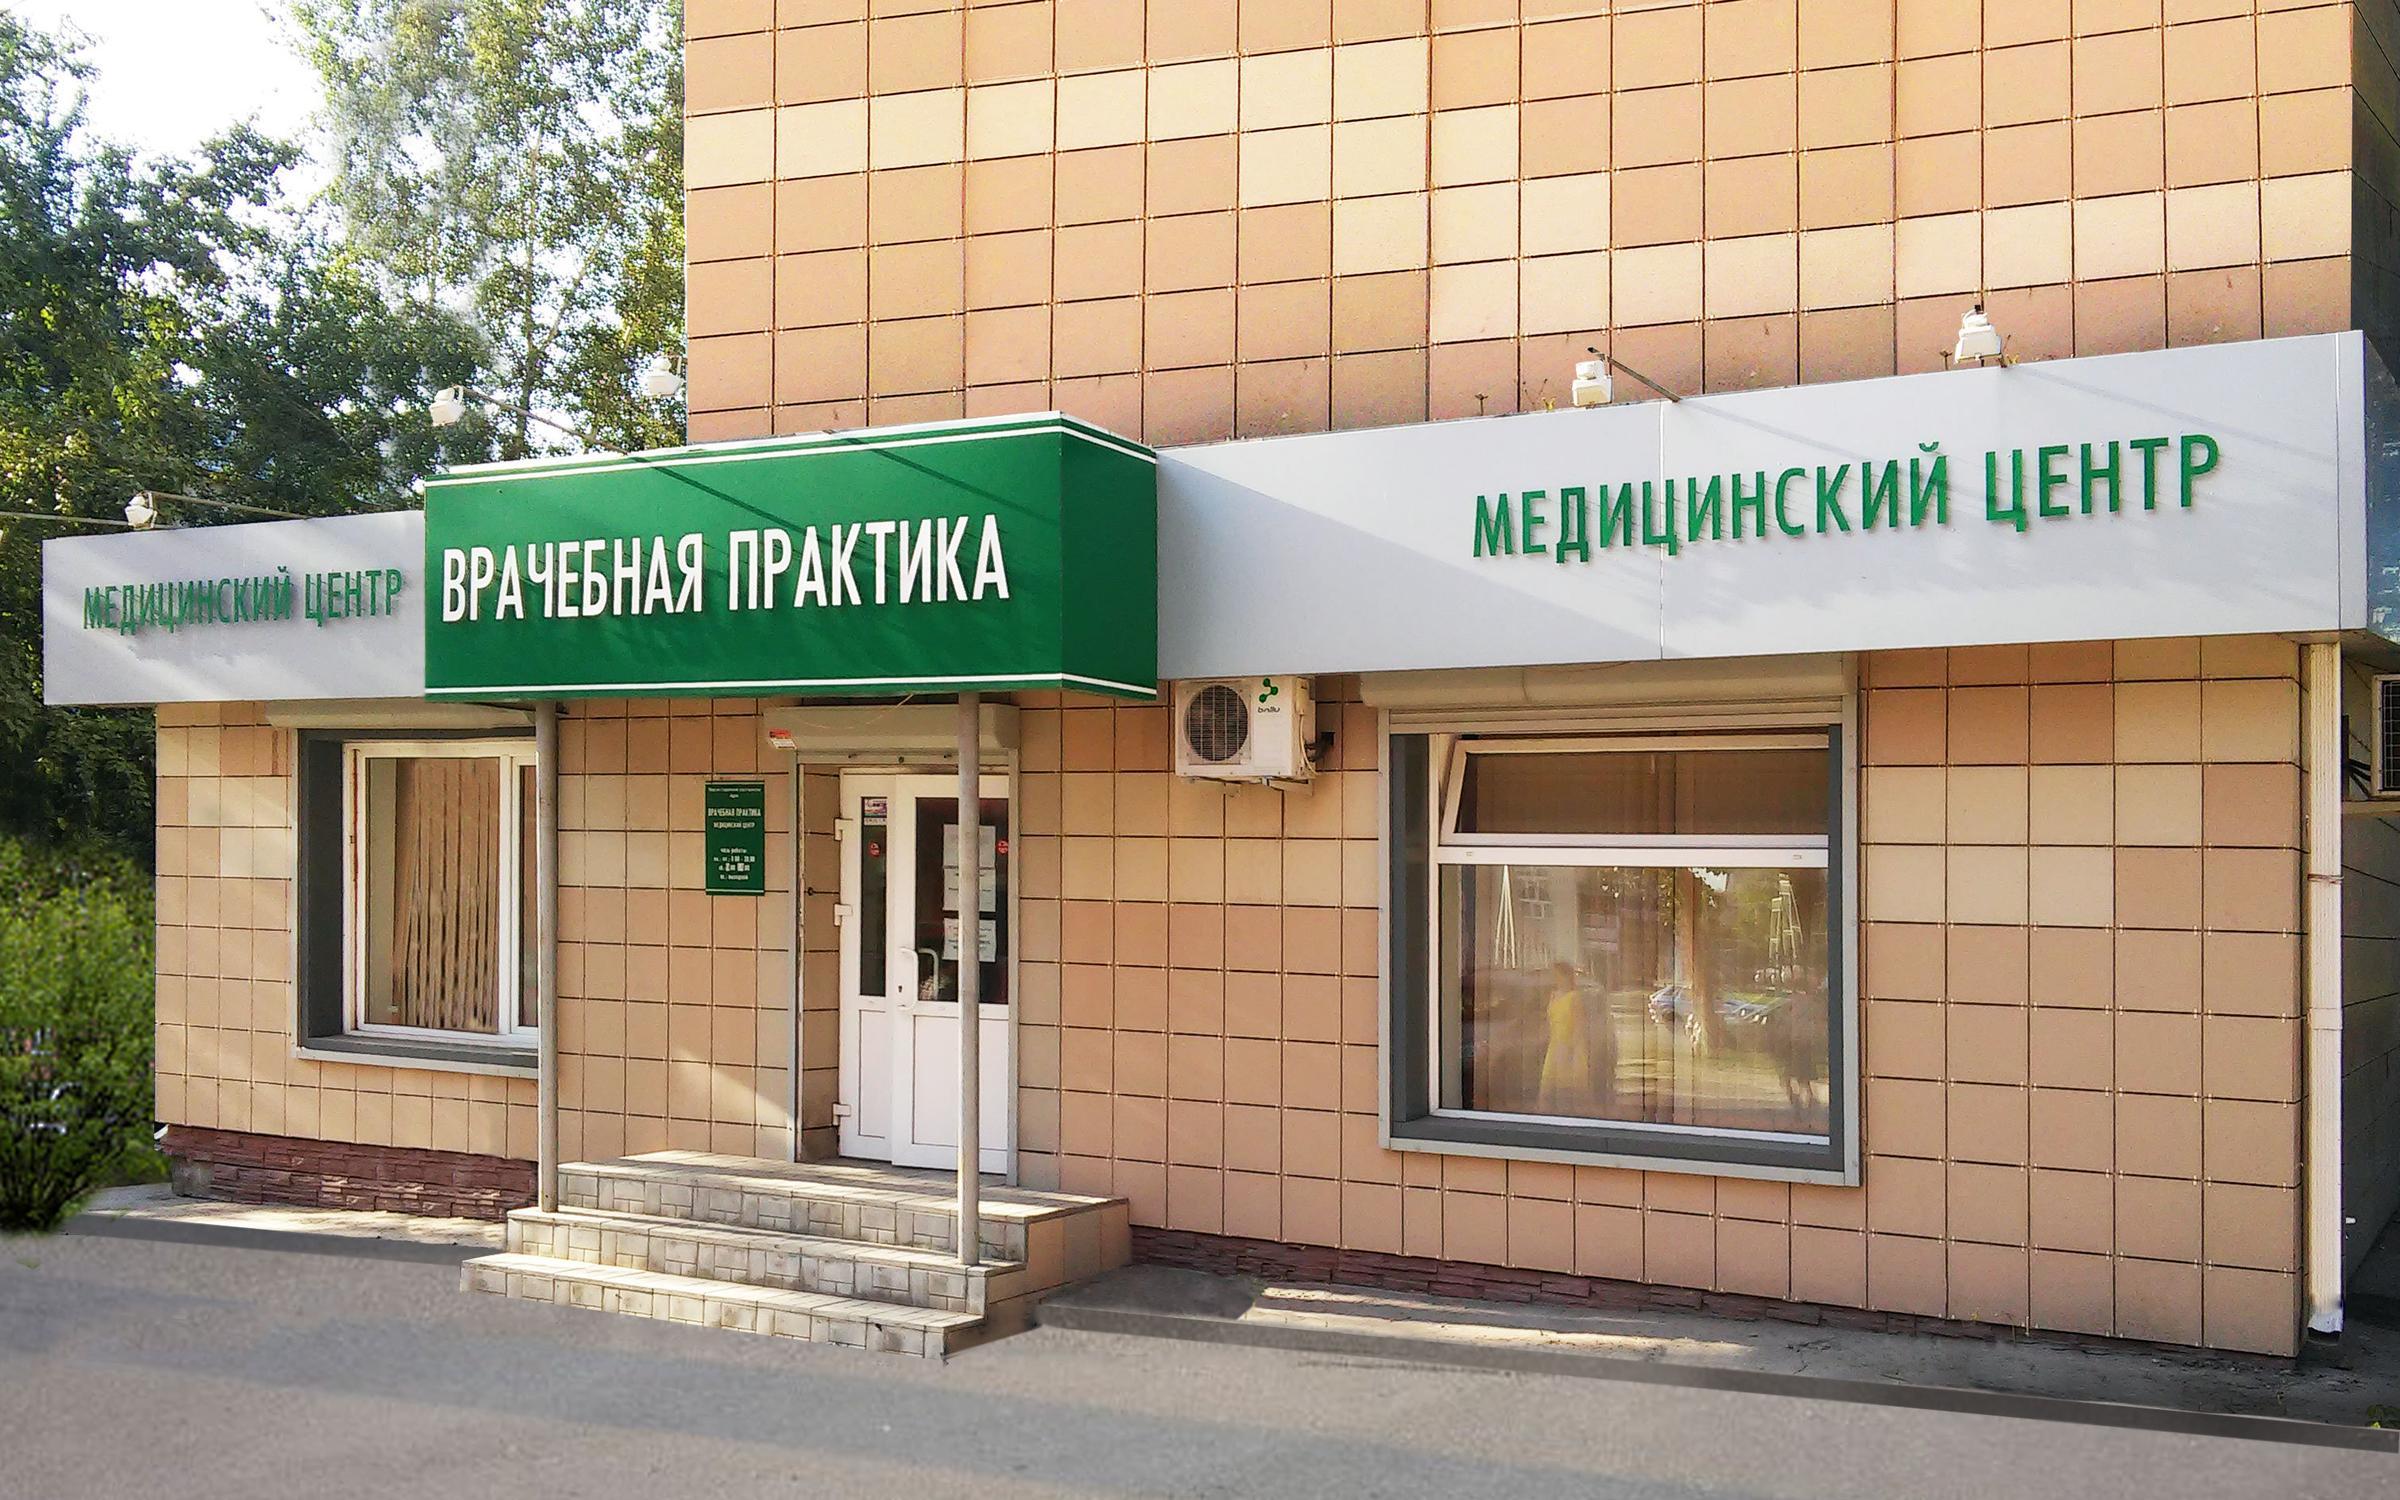 фотография Медицинского центра Врачебная практика в Ленинском районе